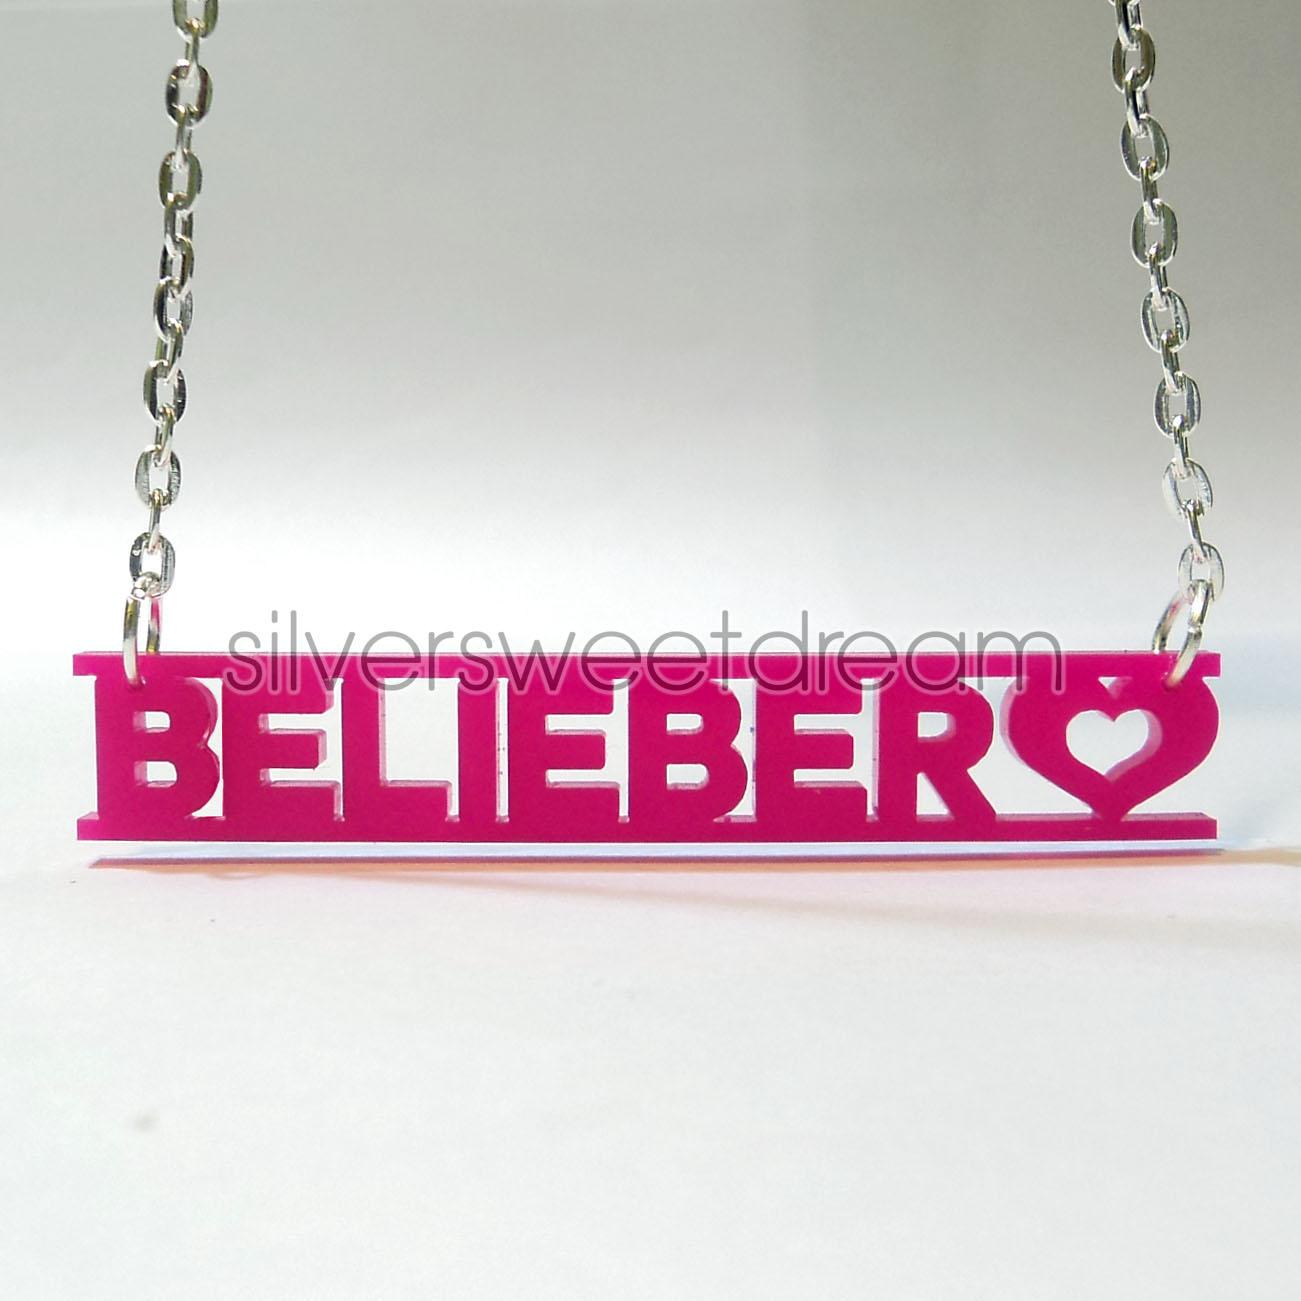 Collana Justin Bieber Belieber Infinity